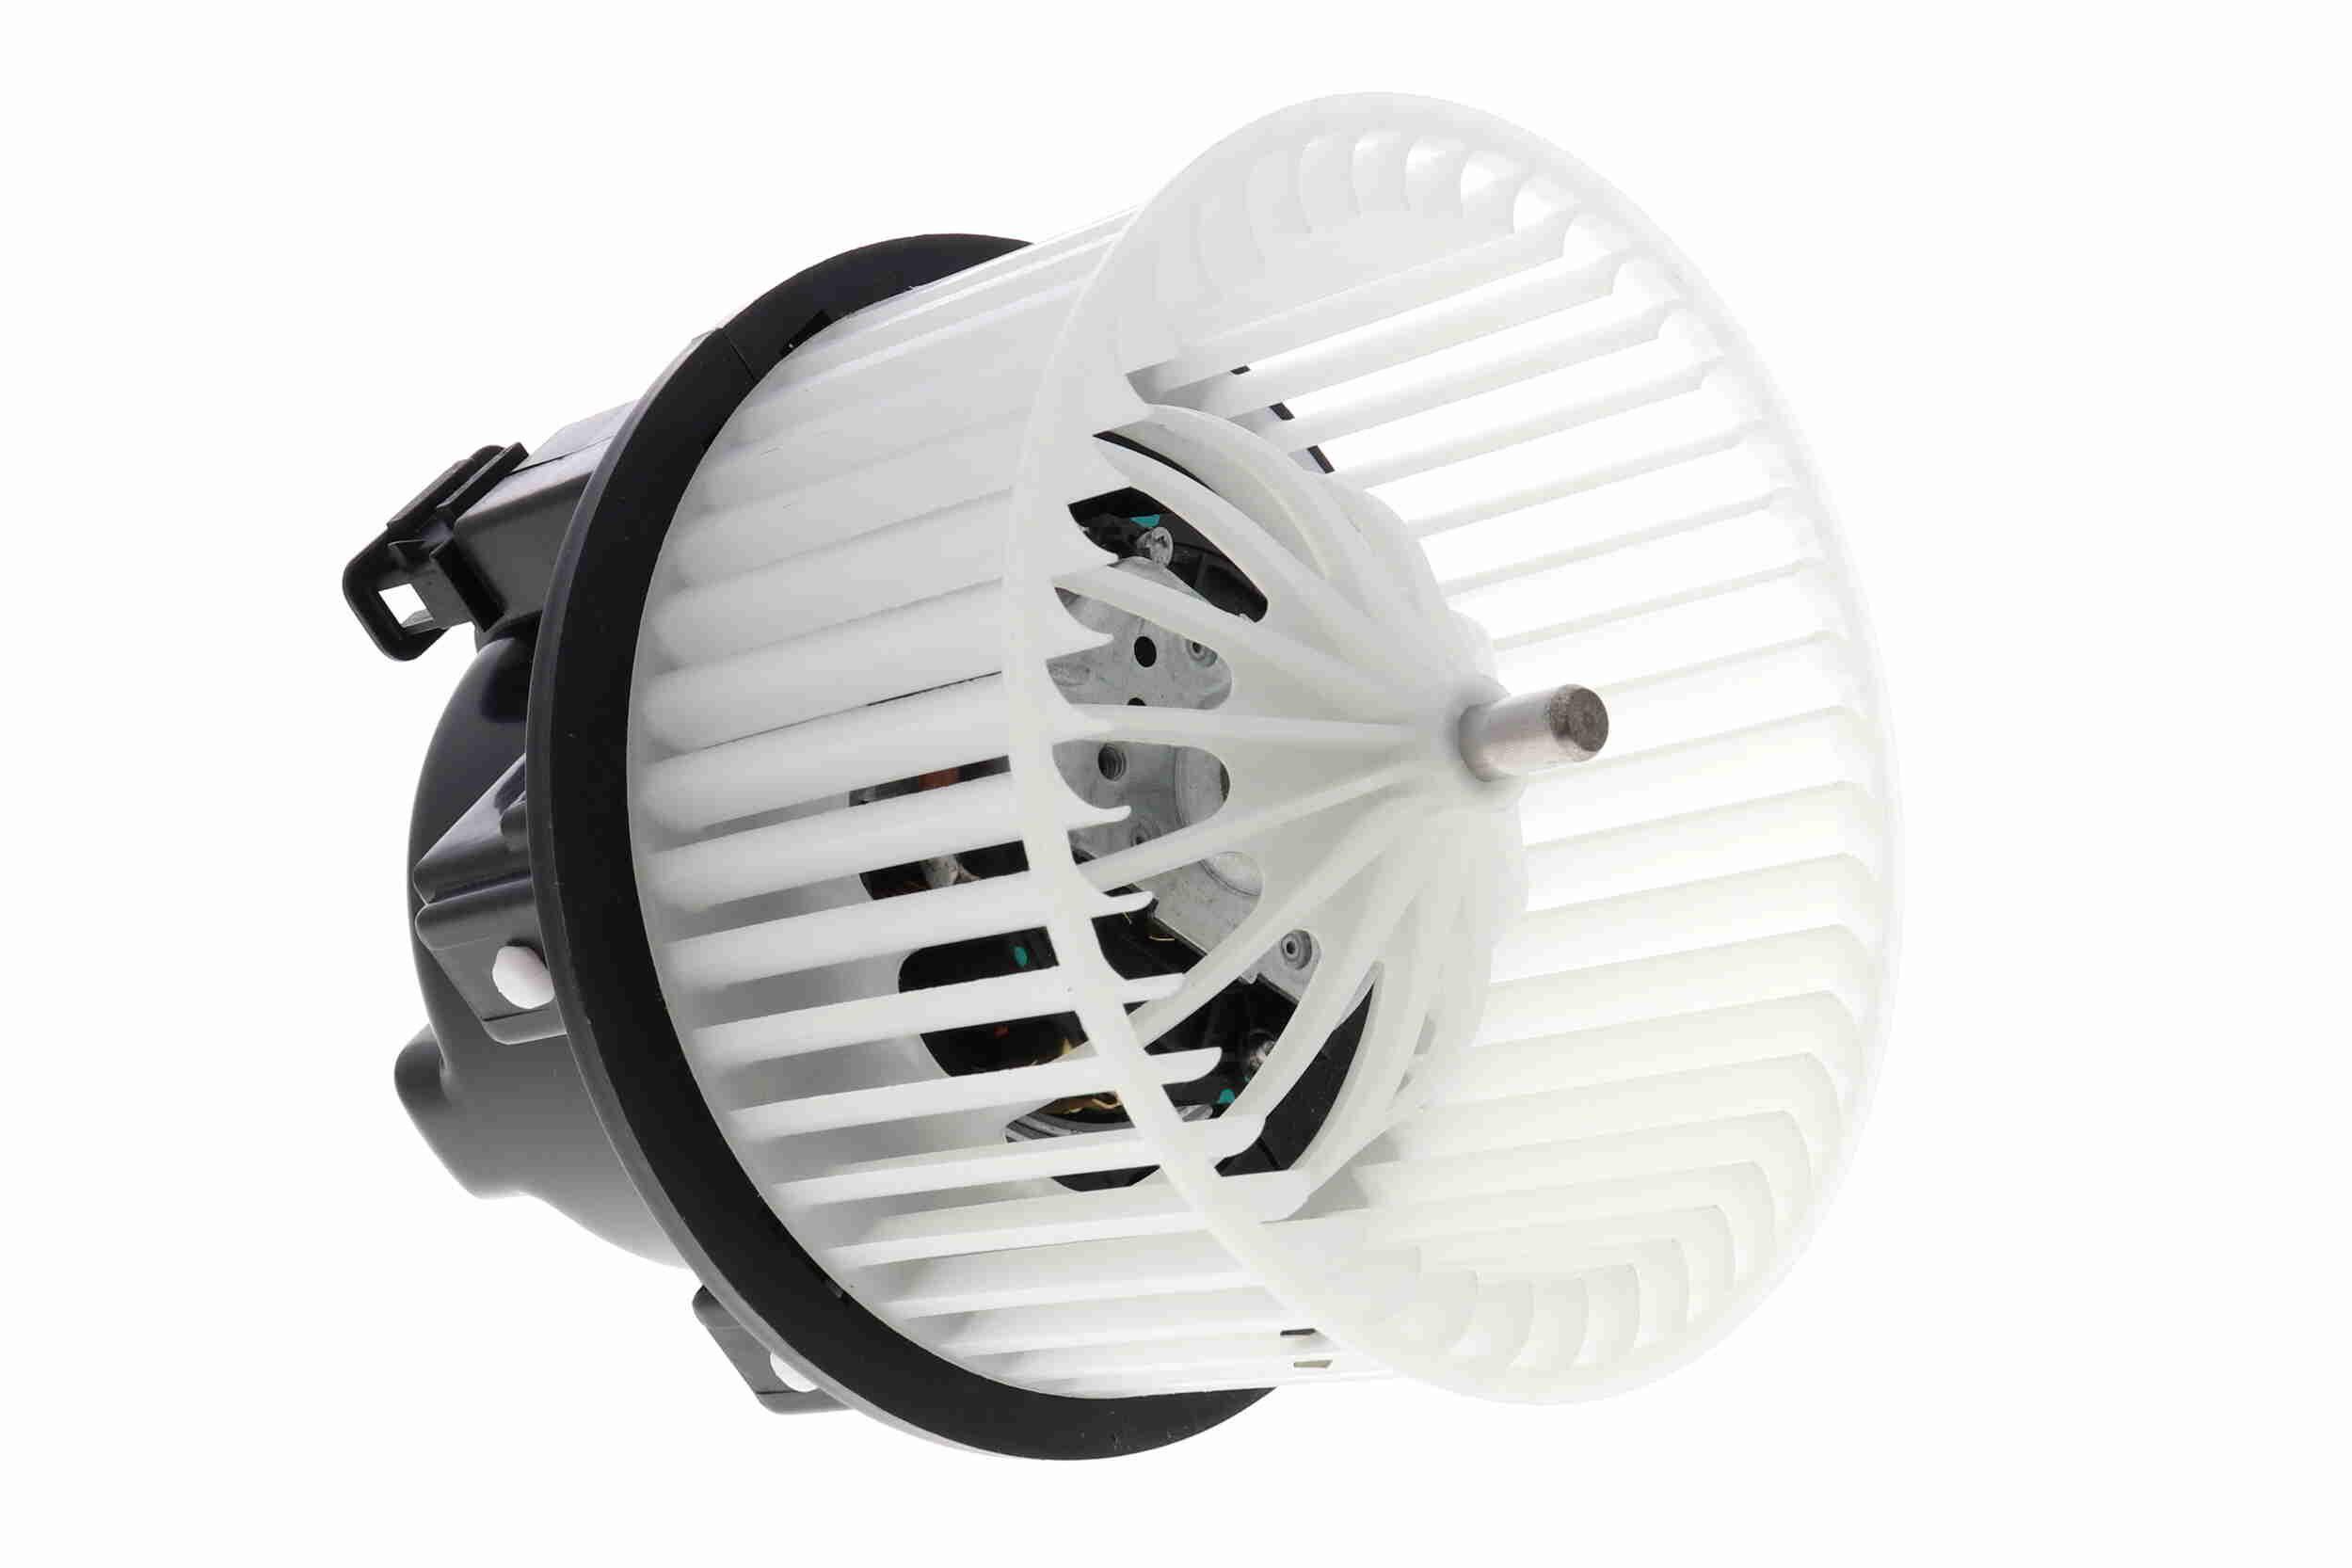 VOLVO V60 2018 Innenraumgebläse - Original VEMO V48-03-0001